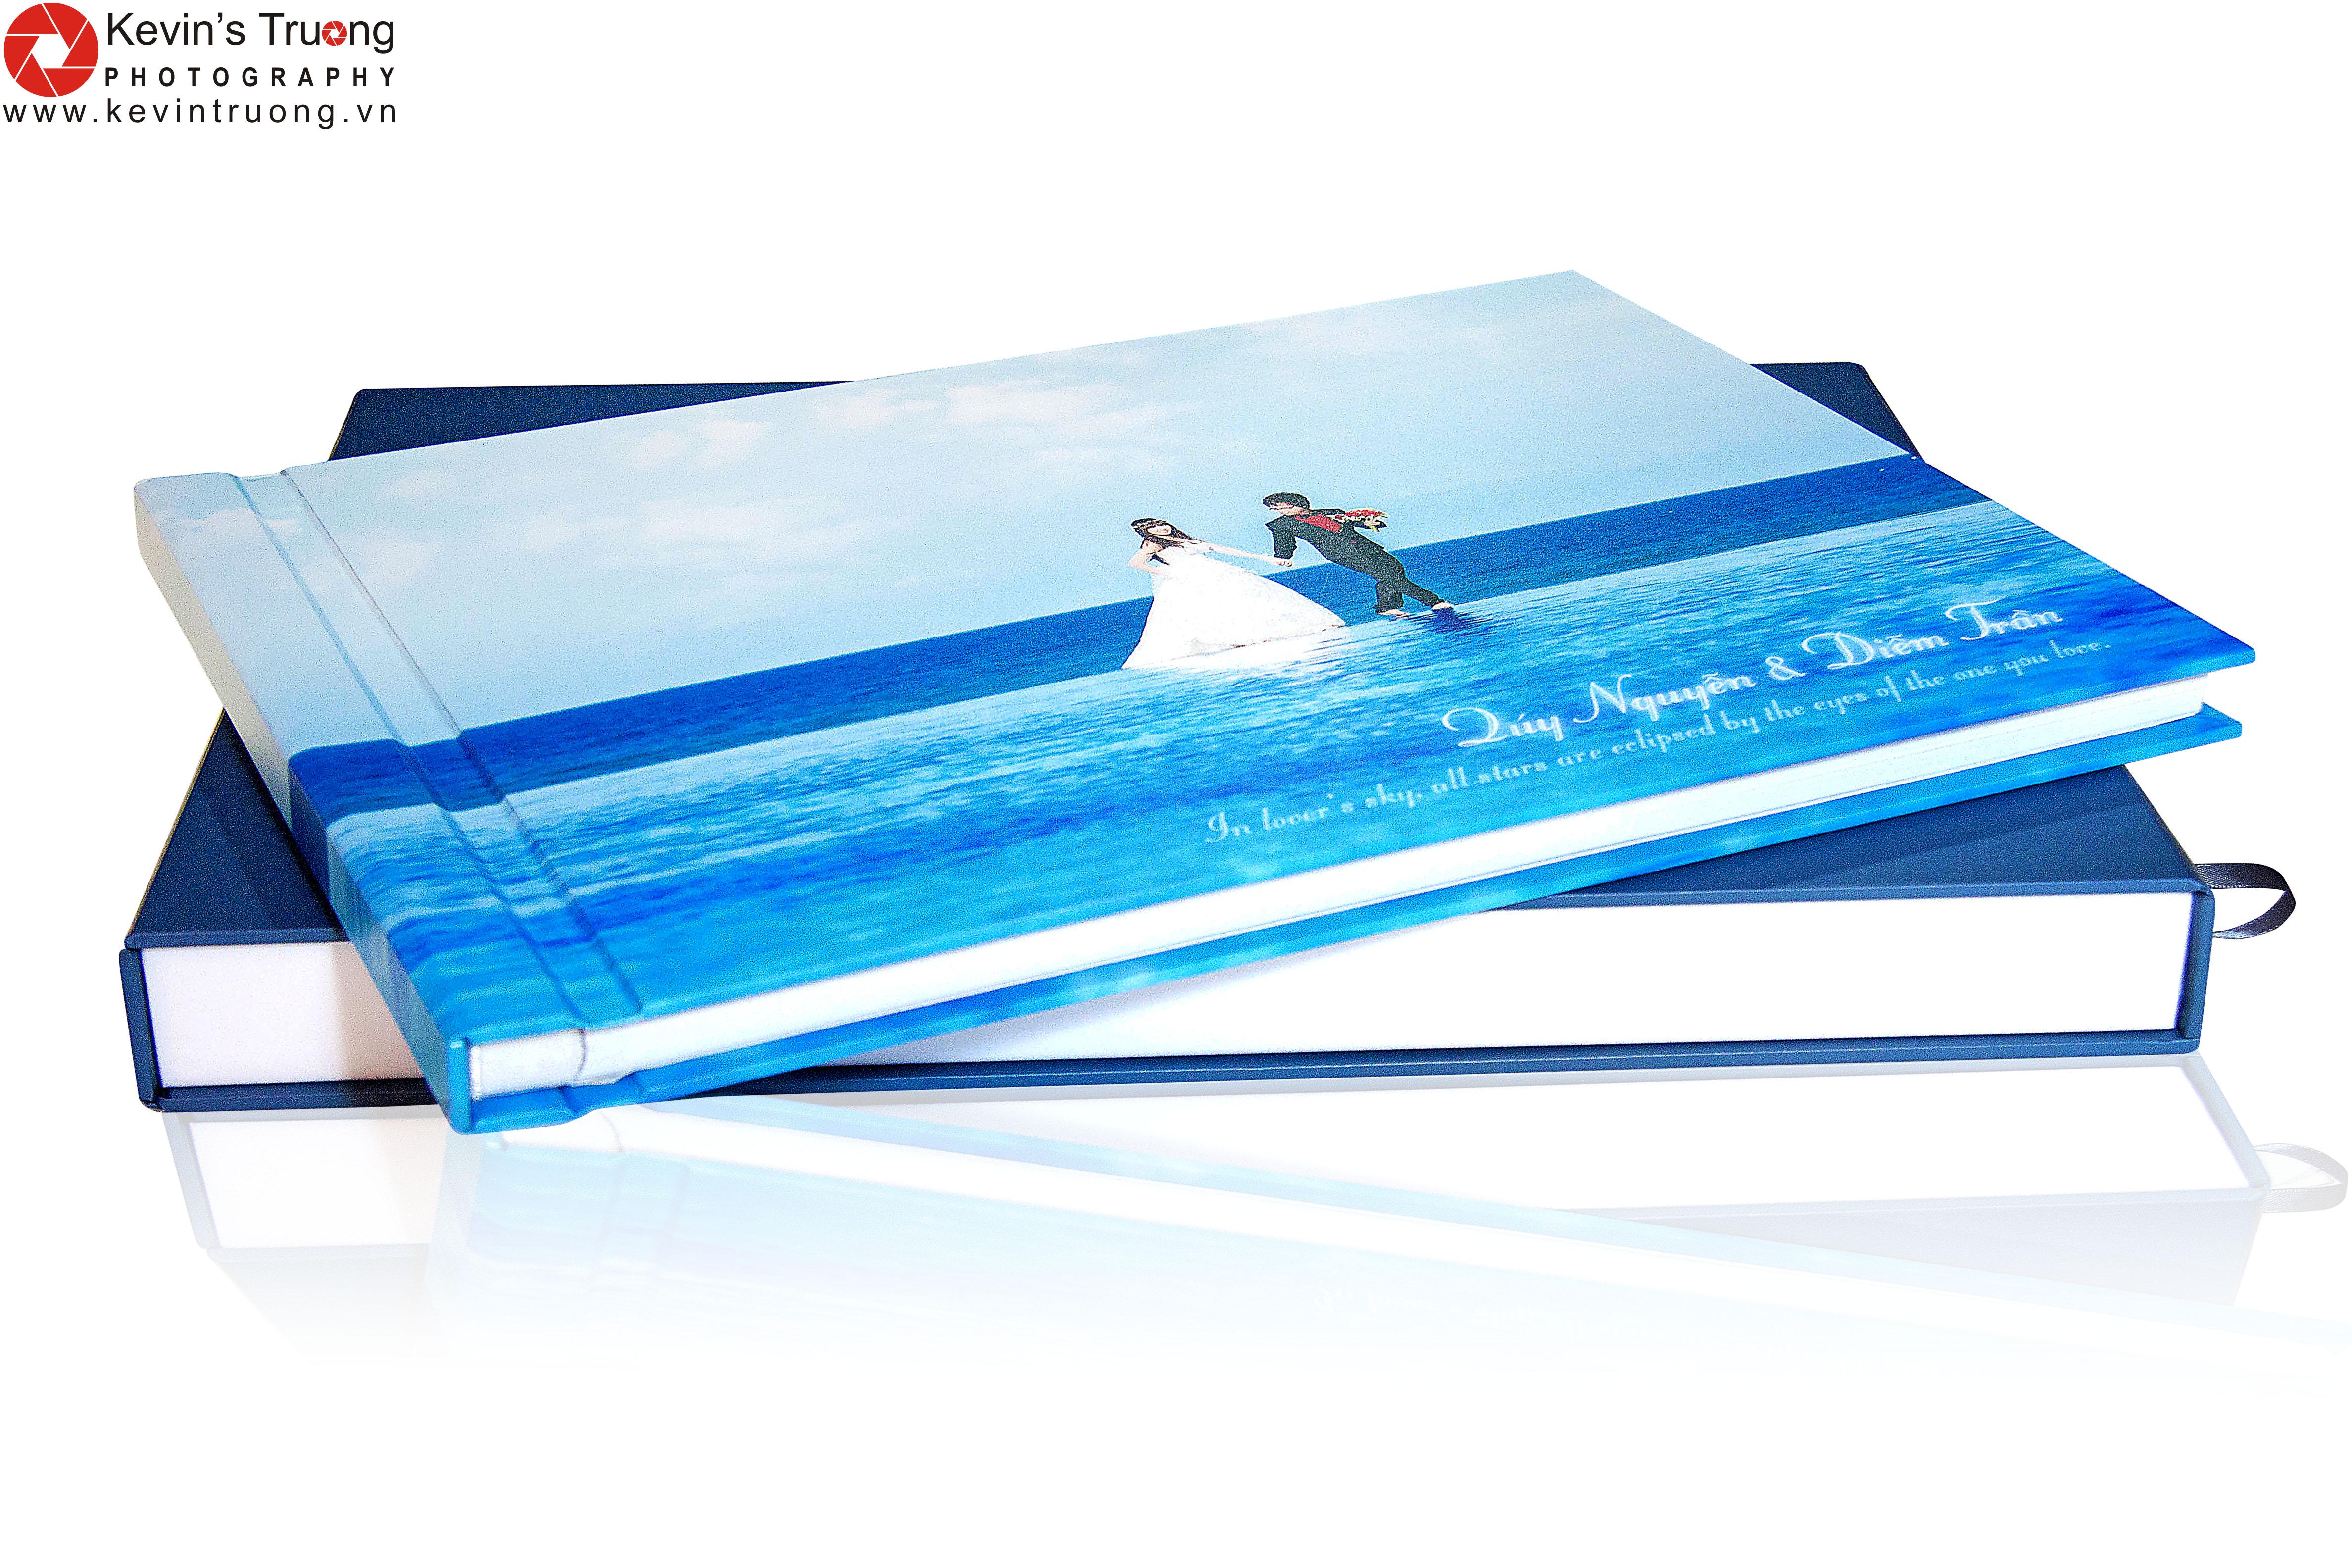 Gia Công-In Album Cát Kim Tuyến-Album 3D,Photobook,Ép gỗ các loại - 36